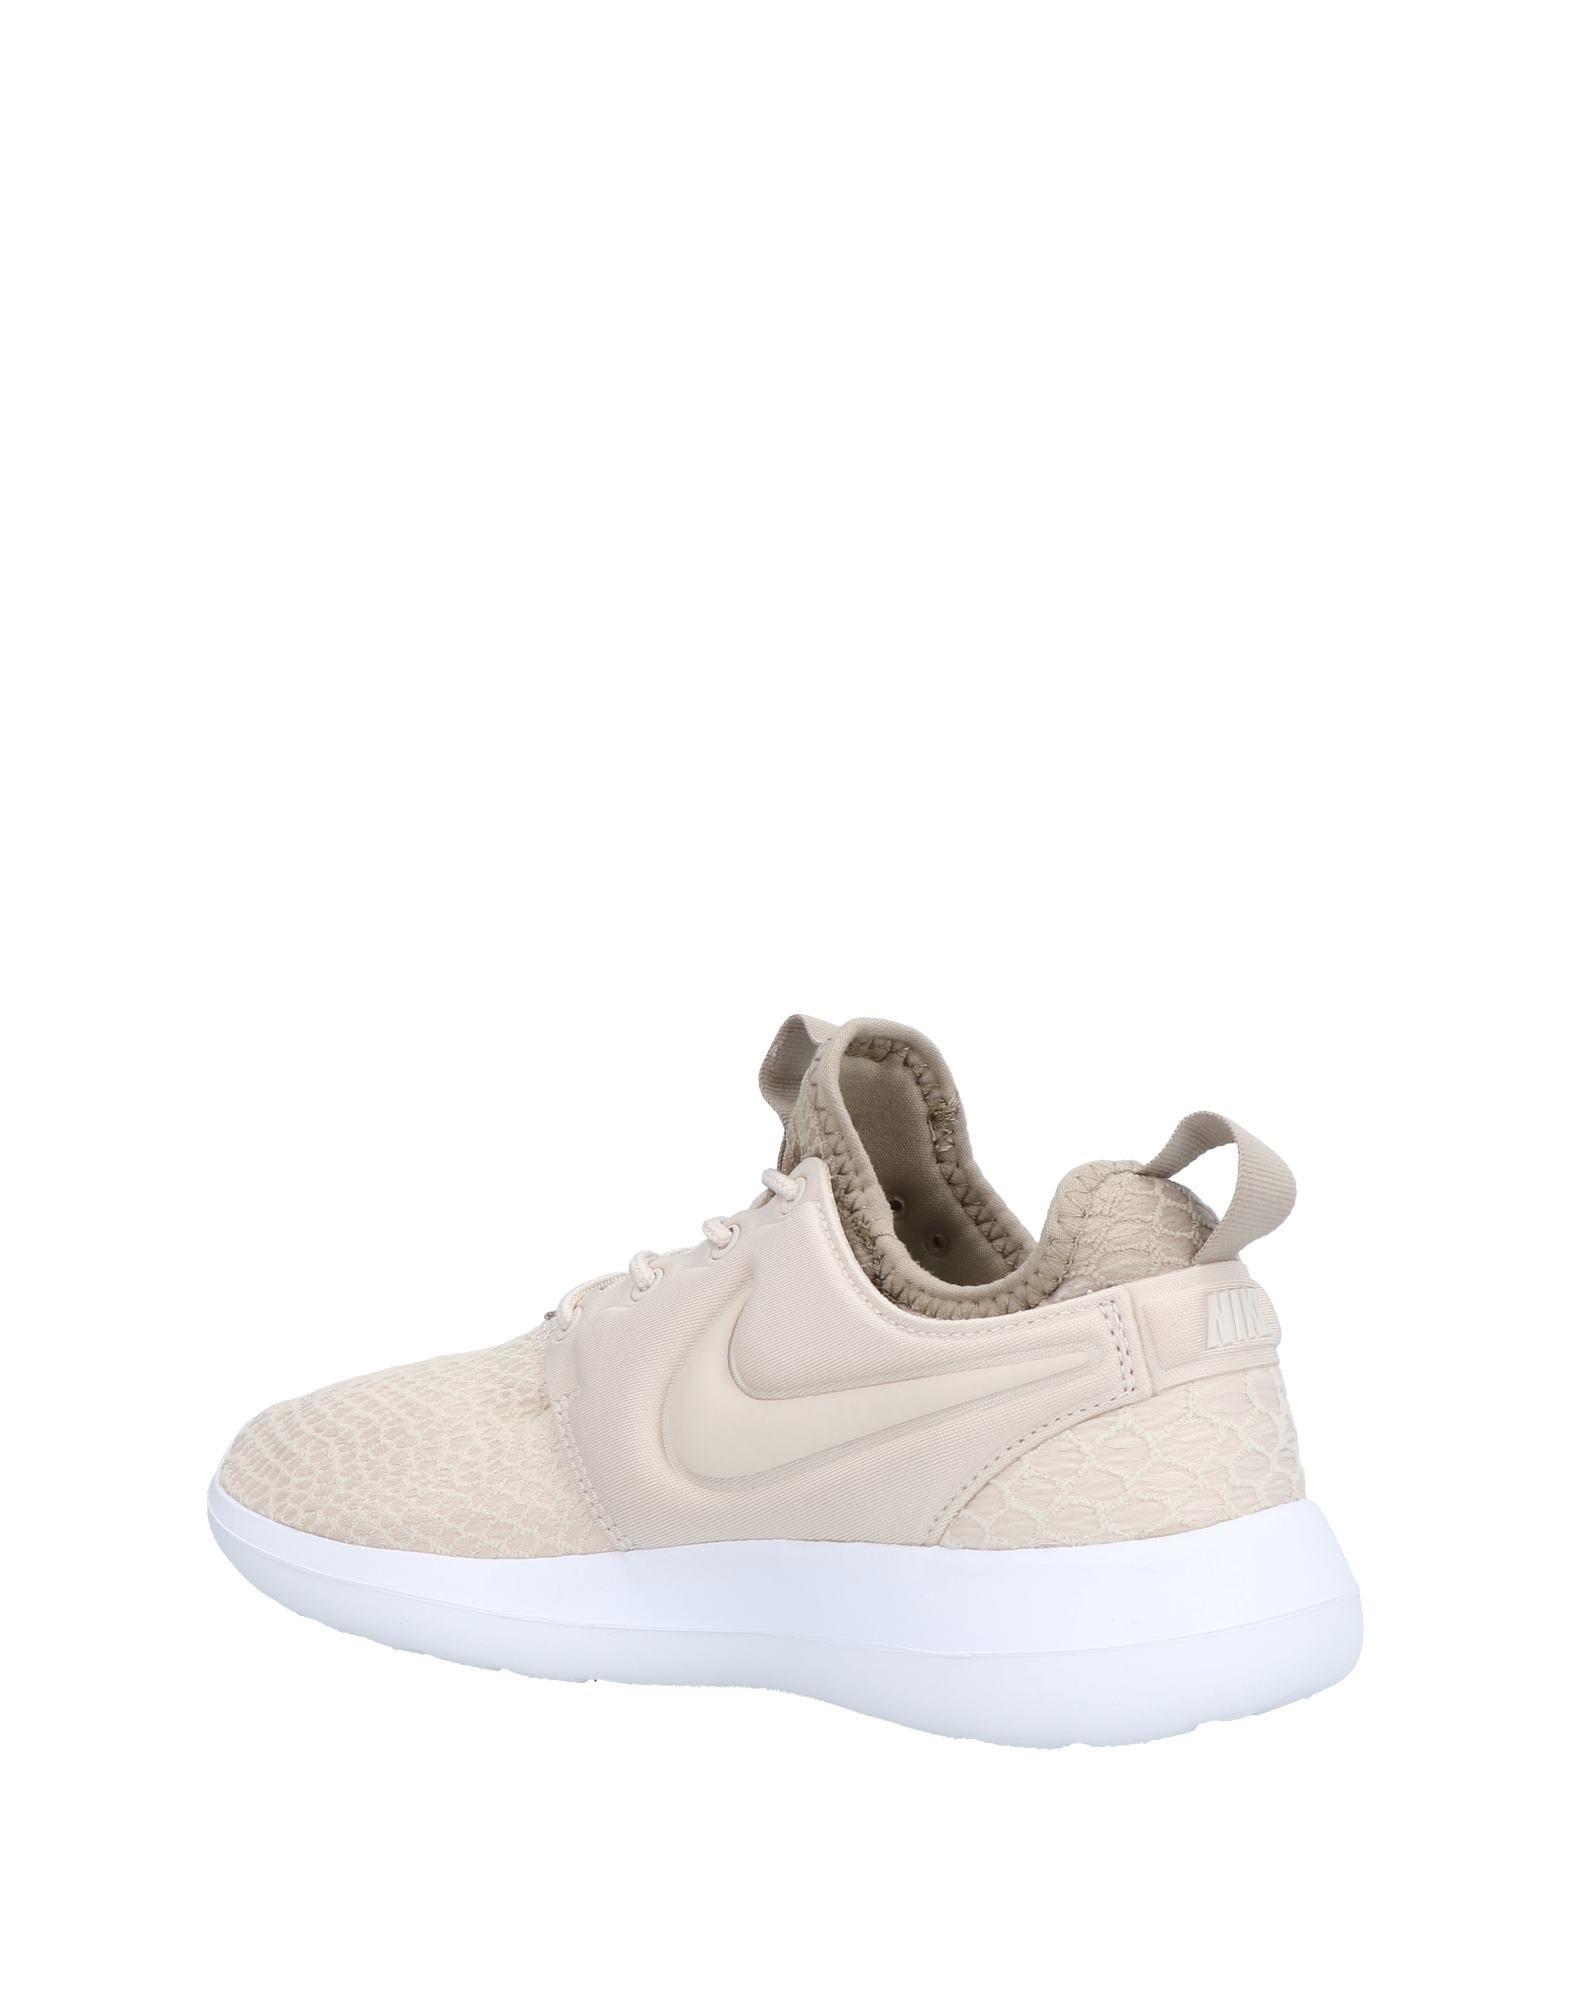 Scarpe economiche e resistenti Sneakers Nike Donna - 11504309JM